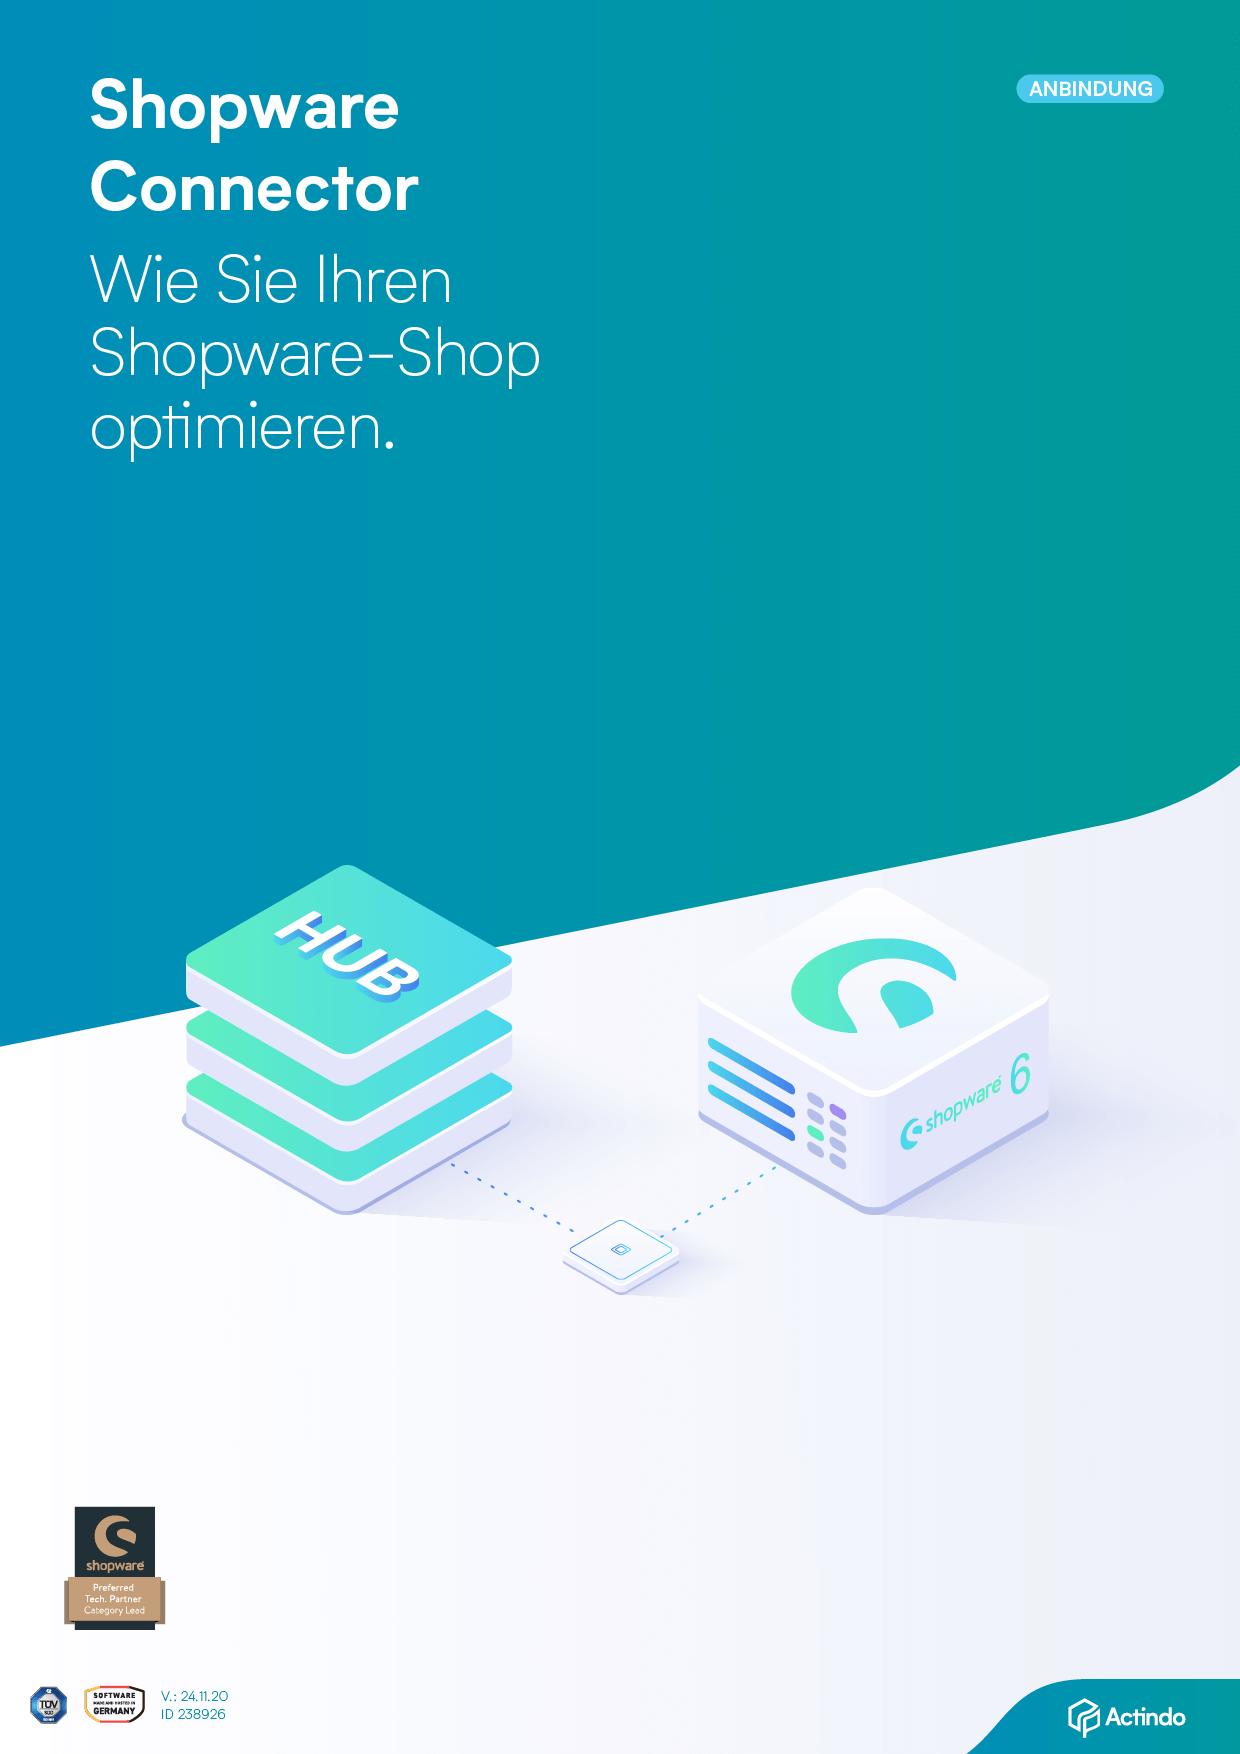 Actindo_Shopware_connector